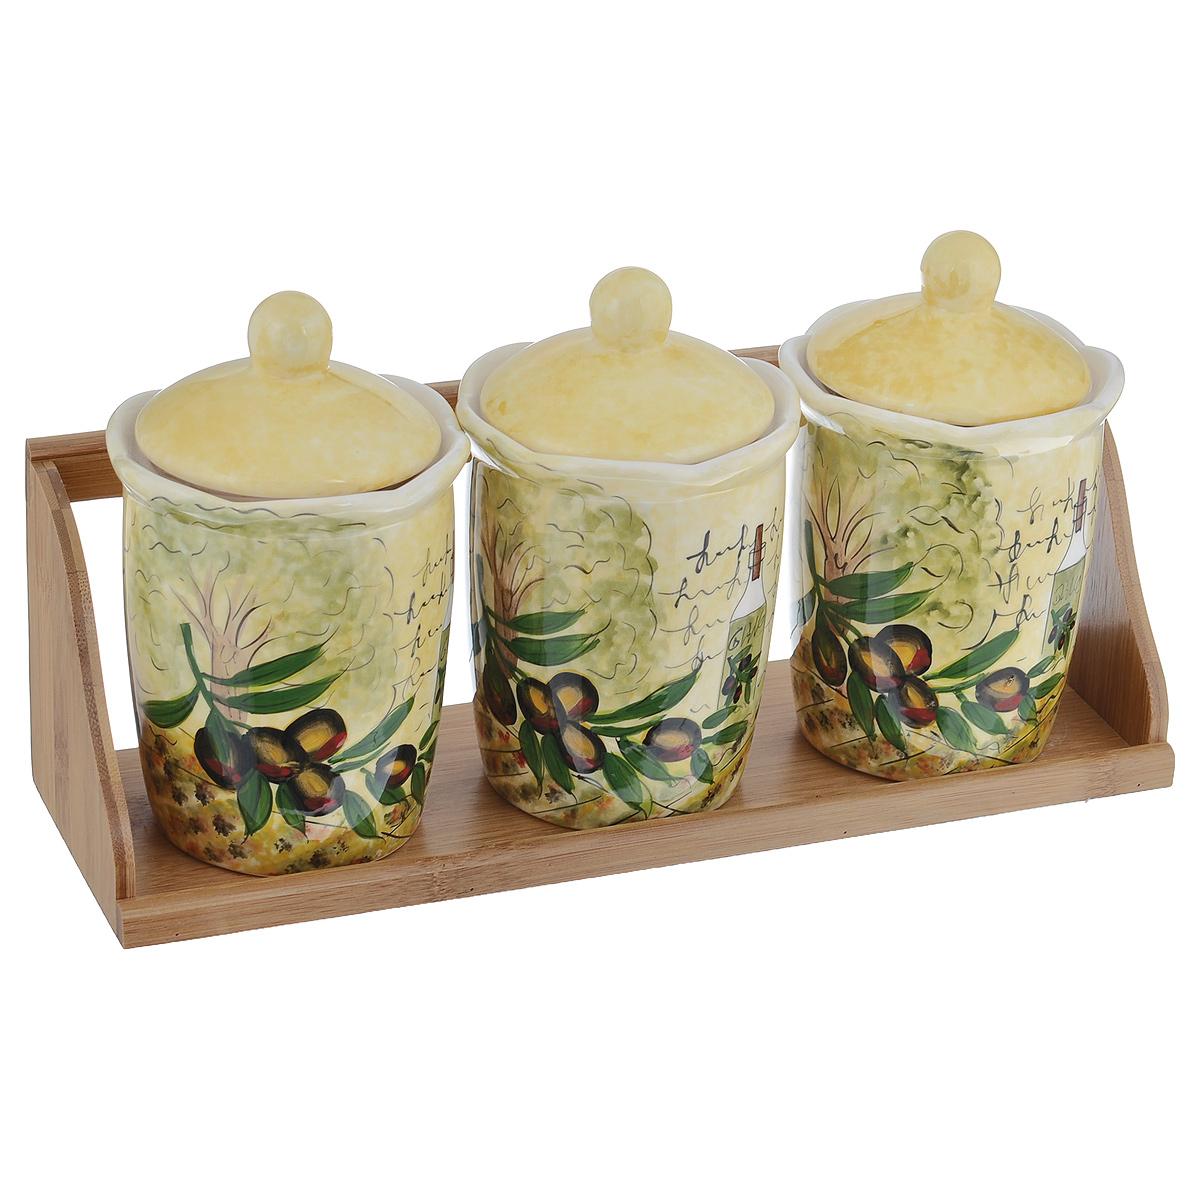 Набор банок для хранения сыпучих продуктов Маслины, 4 предметаVT-1520(SR)Набор Маслины состоит из трех больших банок и подставки. Предметы набора изготовлены из доломитовой керамики и декорированы изображением маслин. Изделия помещаются на удобную деревянную подставку. Оригинальный дизайн, эстетичность и функциональность набора позволят ему стать достойным дополнением к кухонному инвентарю.Можно мыть в посудомоечной машине на минимальной температуре.Диаметр основания емкости: 7,5 см.Высота емкости (без учета крышки): 12,5 см.Объём каждой банки: 550 мл.Размер подставки: 34 х 10,5 х 11,5 см.